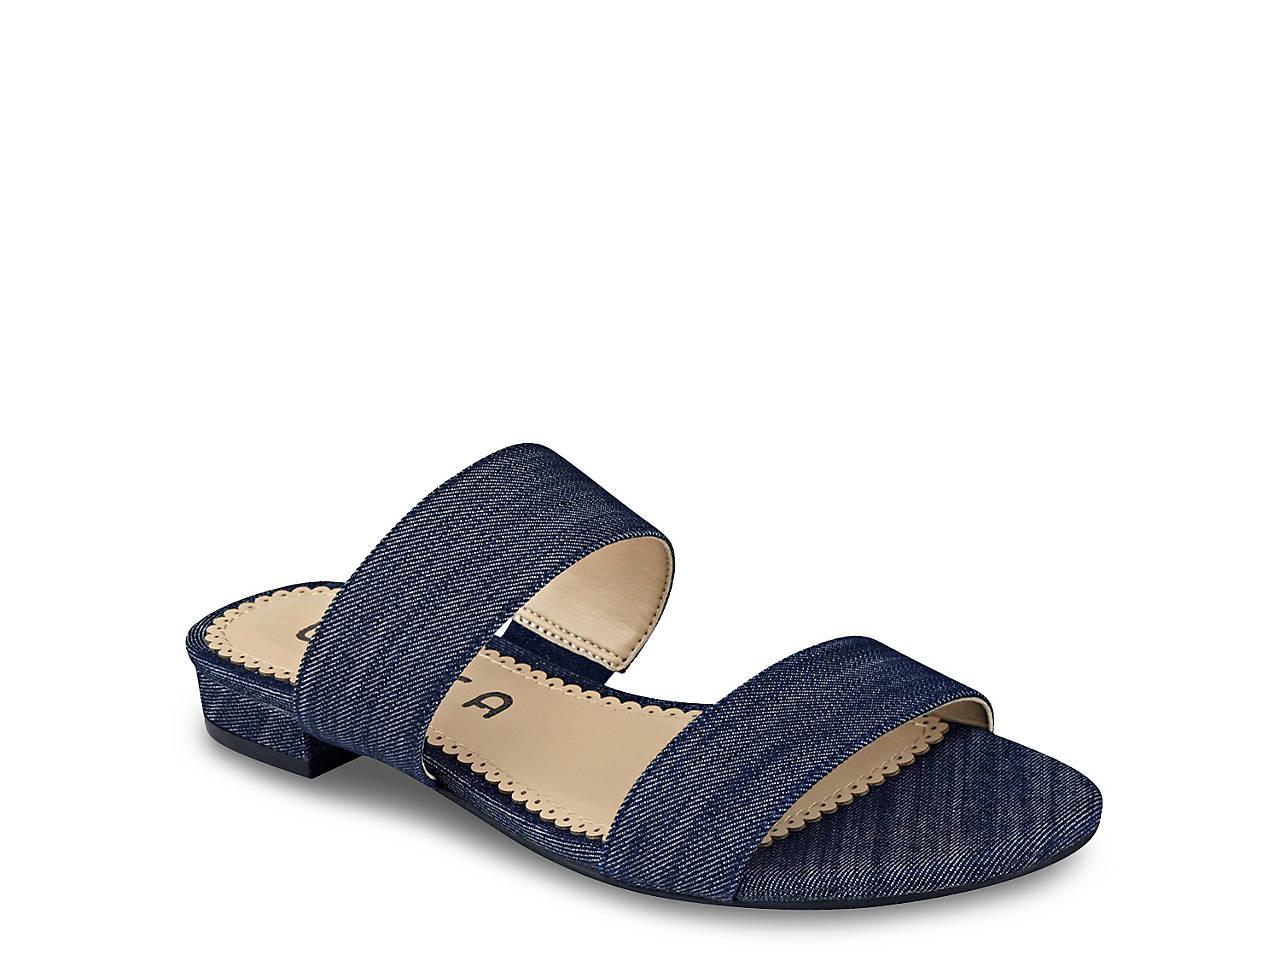 d4b1c0e371d Unisa Keriala Flat Sandal Women s Shoes